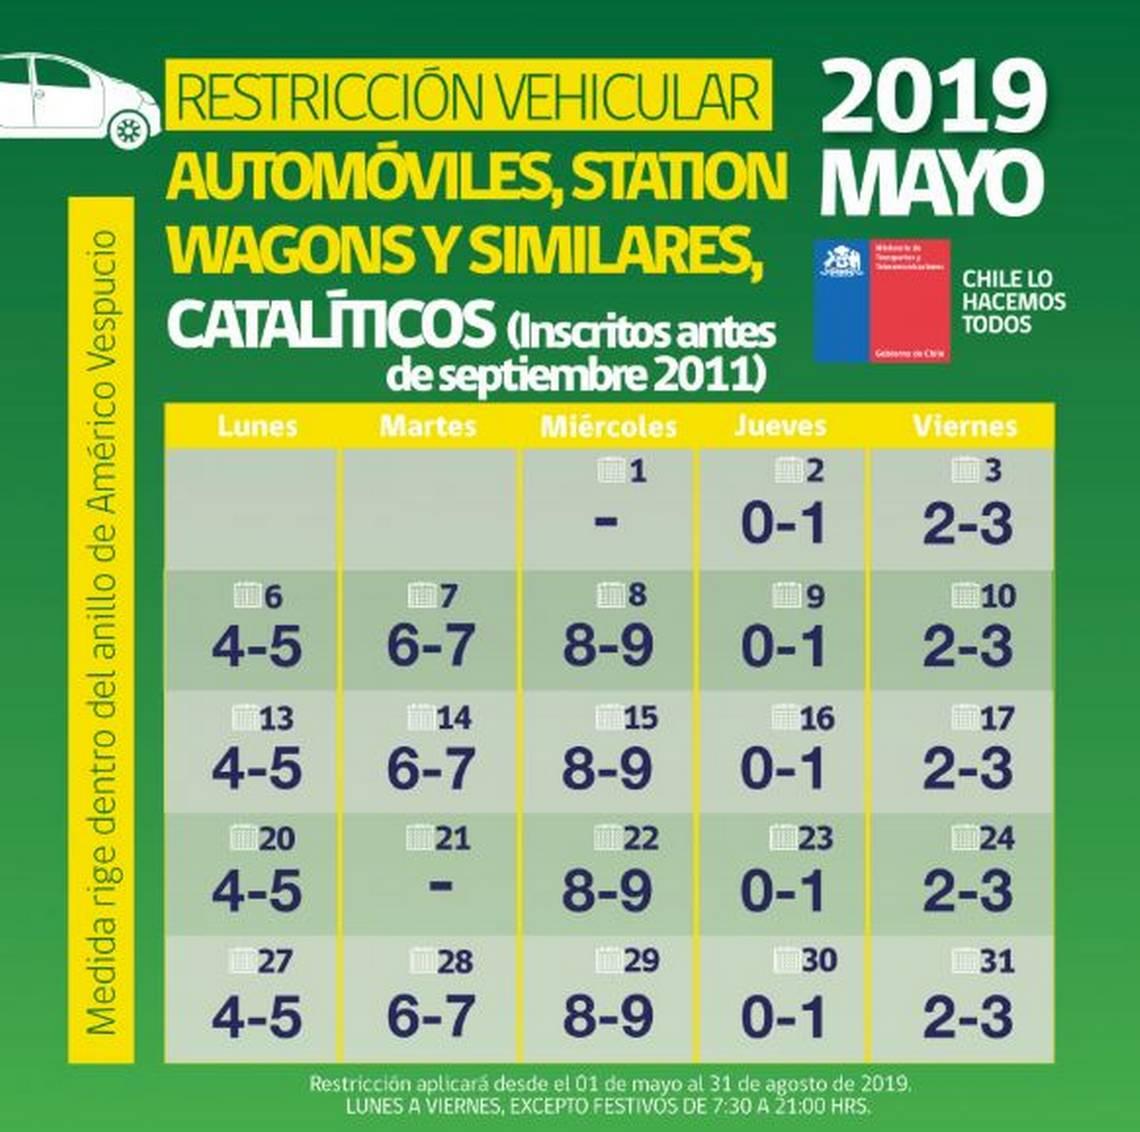 RESTRICCION autos catalicos santiago 2019